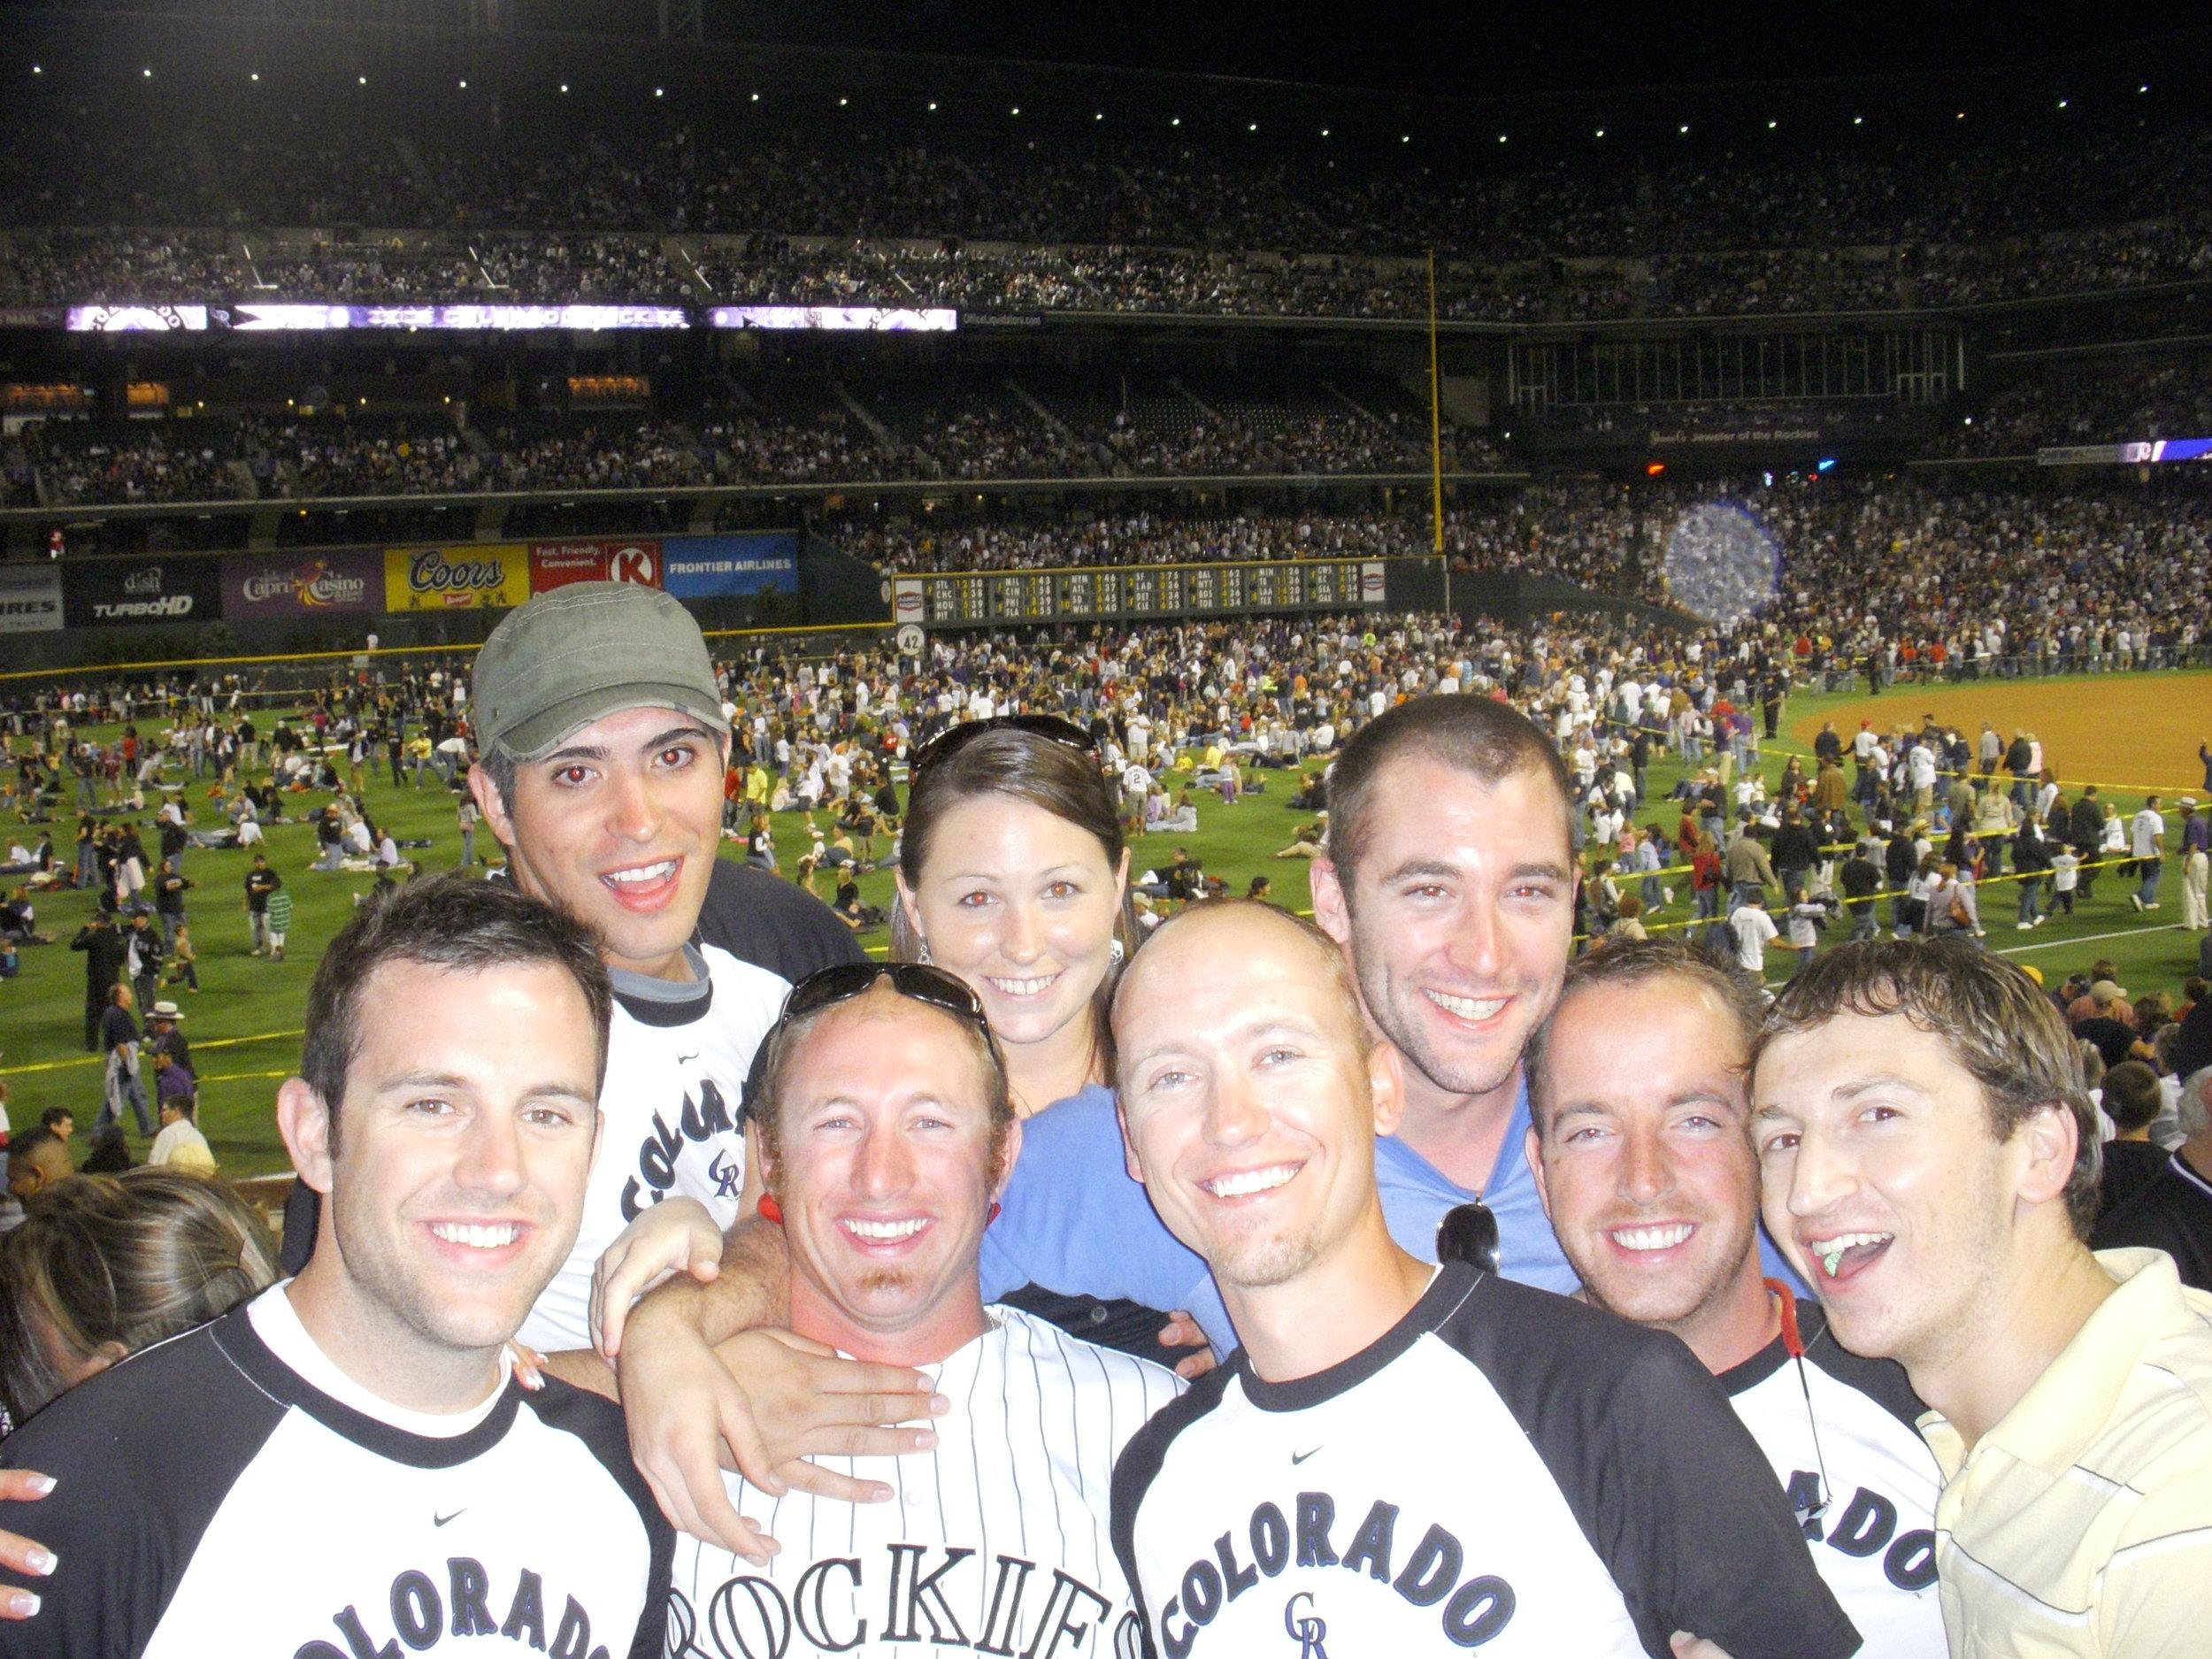 2008 Rockies Game